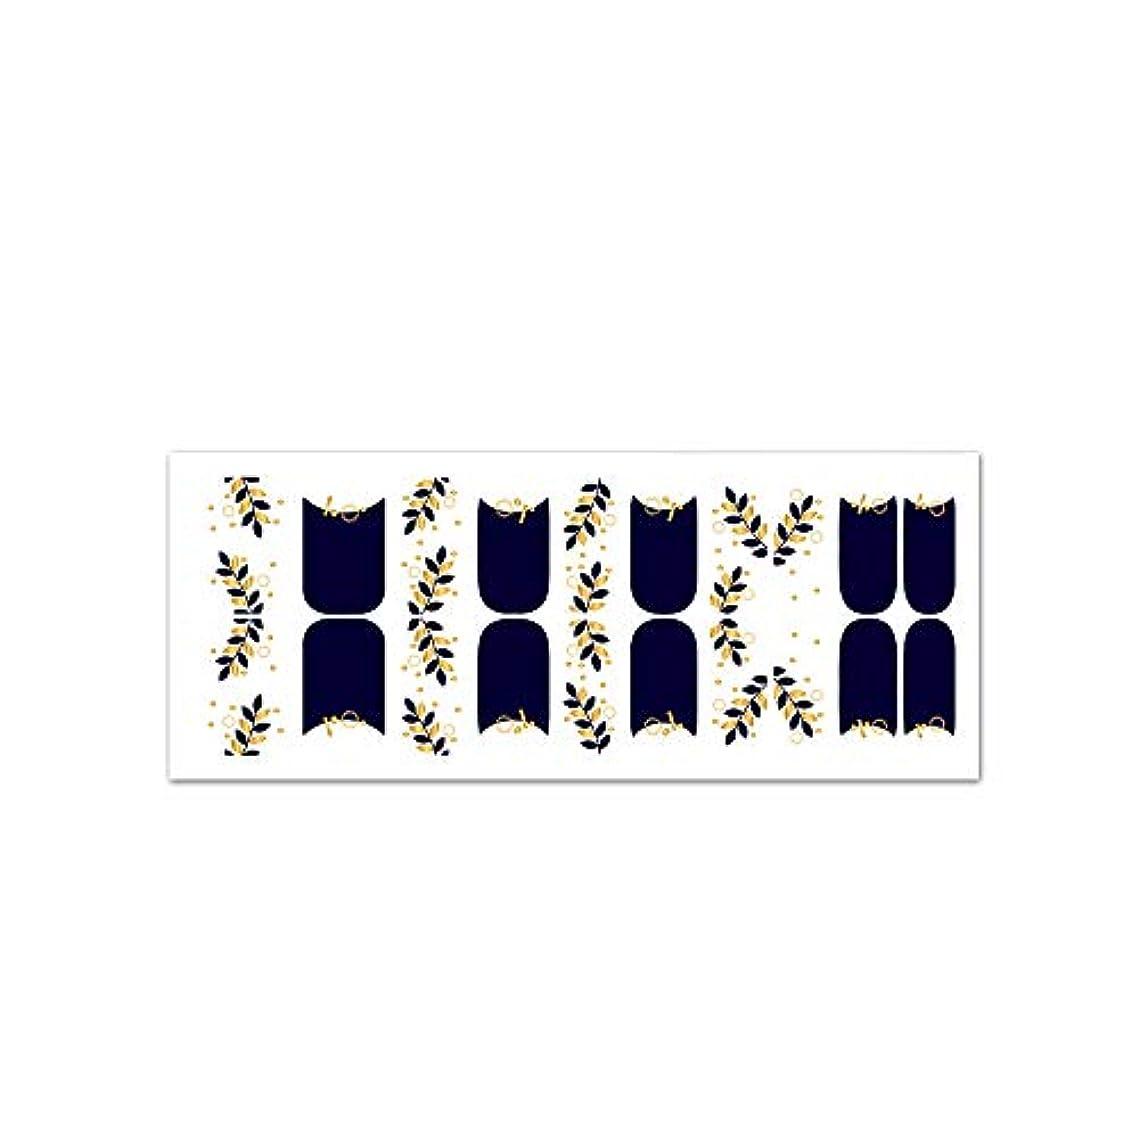 物足りないブロックする旧正月爪に貼るだけで華やかになるネイルシート! 簡単セルフネイル ジェルネイル 20pcs ネイルシール ジェルネイルシール デコネイルシール VAVACOCO ペディキュア ハーフ かわいい 韓国 シンプル フルカバー ネイルパーツ...